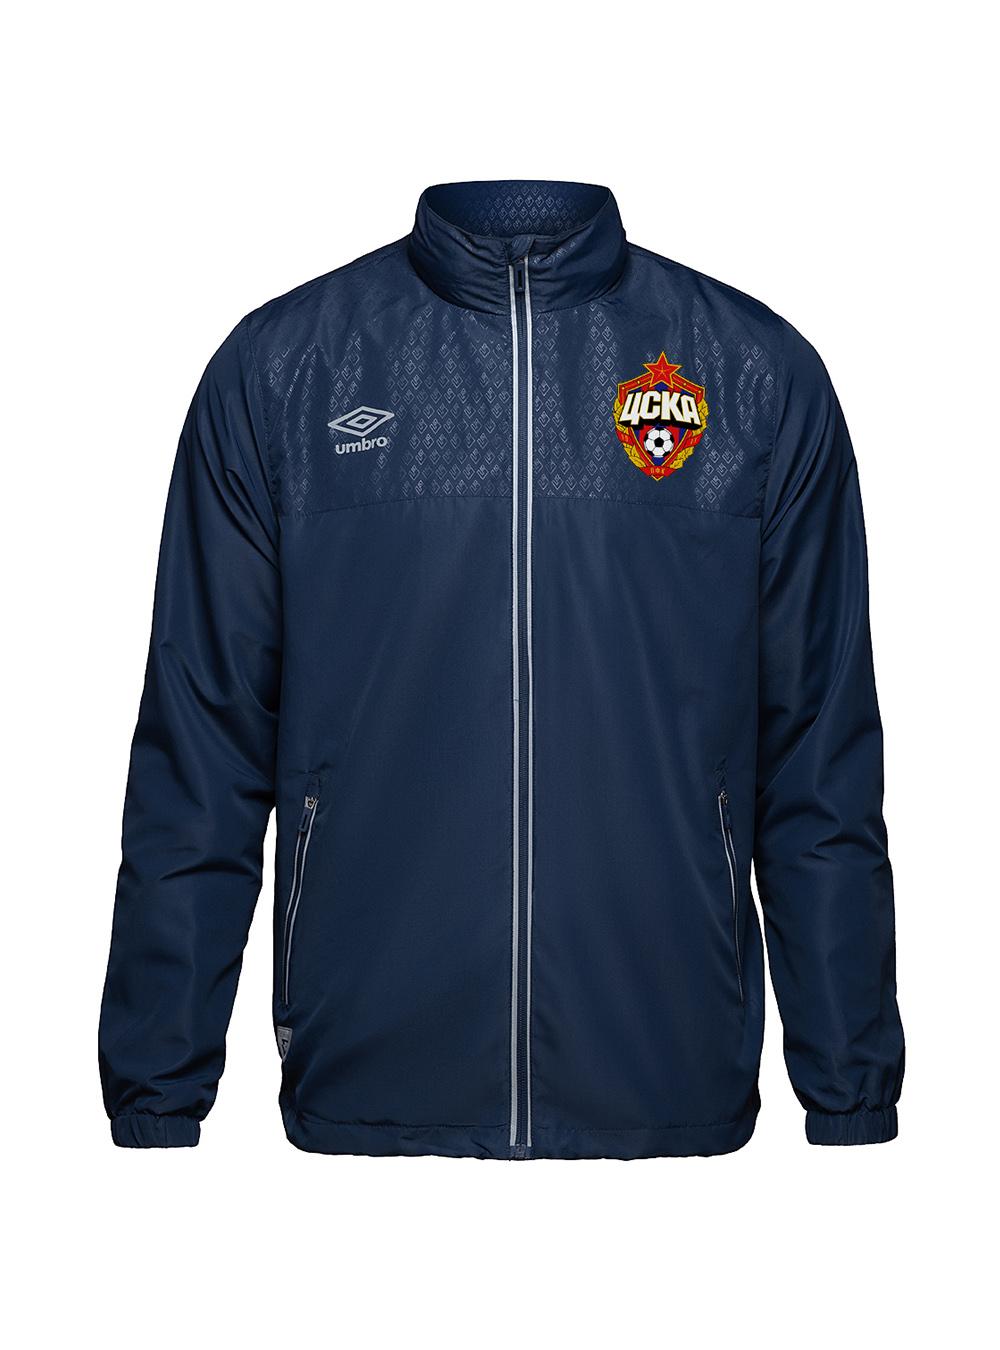 Куртка спортивная, темно-синий/серебро (XL)